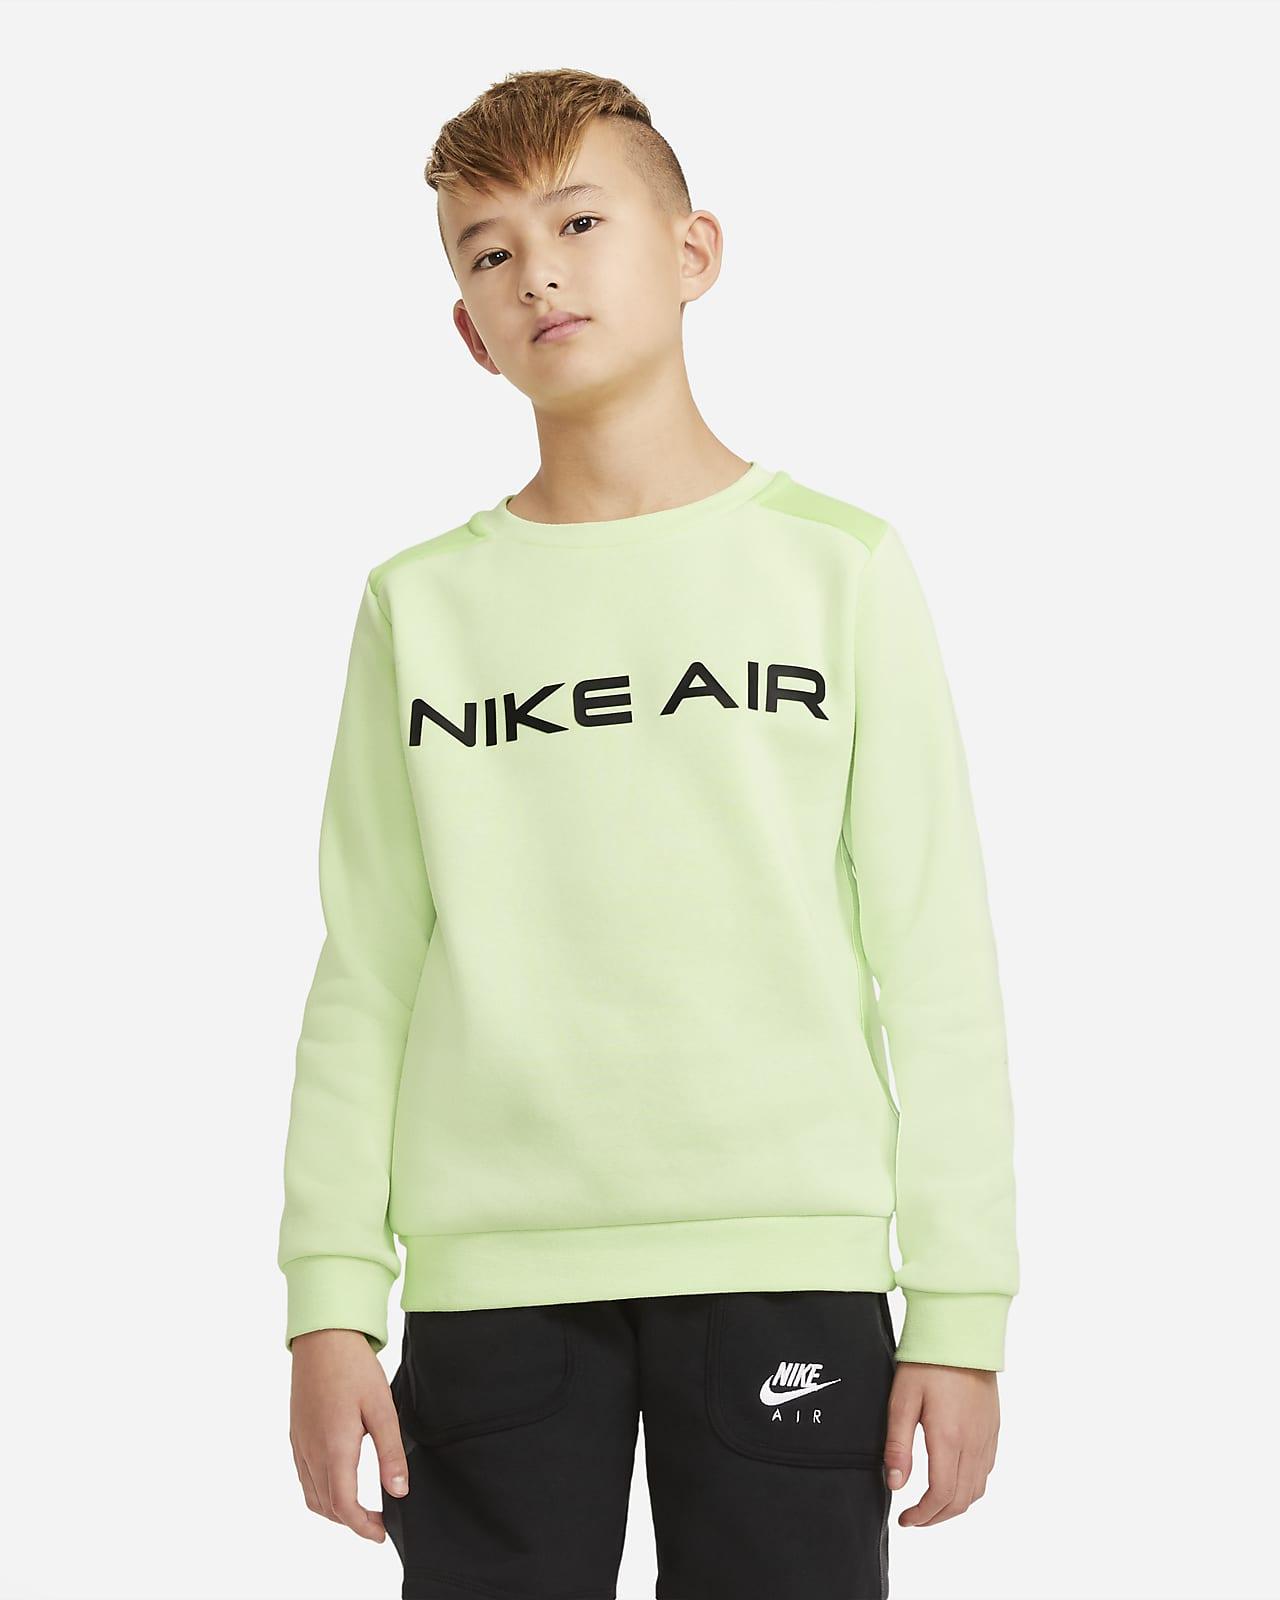 Sudadera para niño talla grande Nike Air